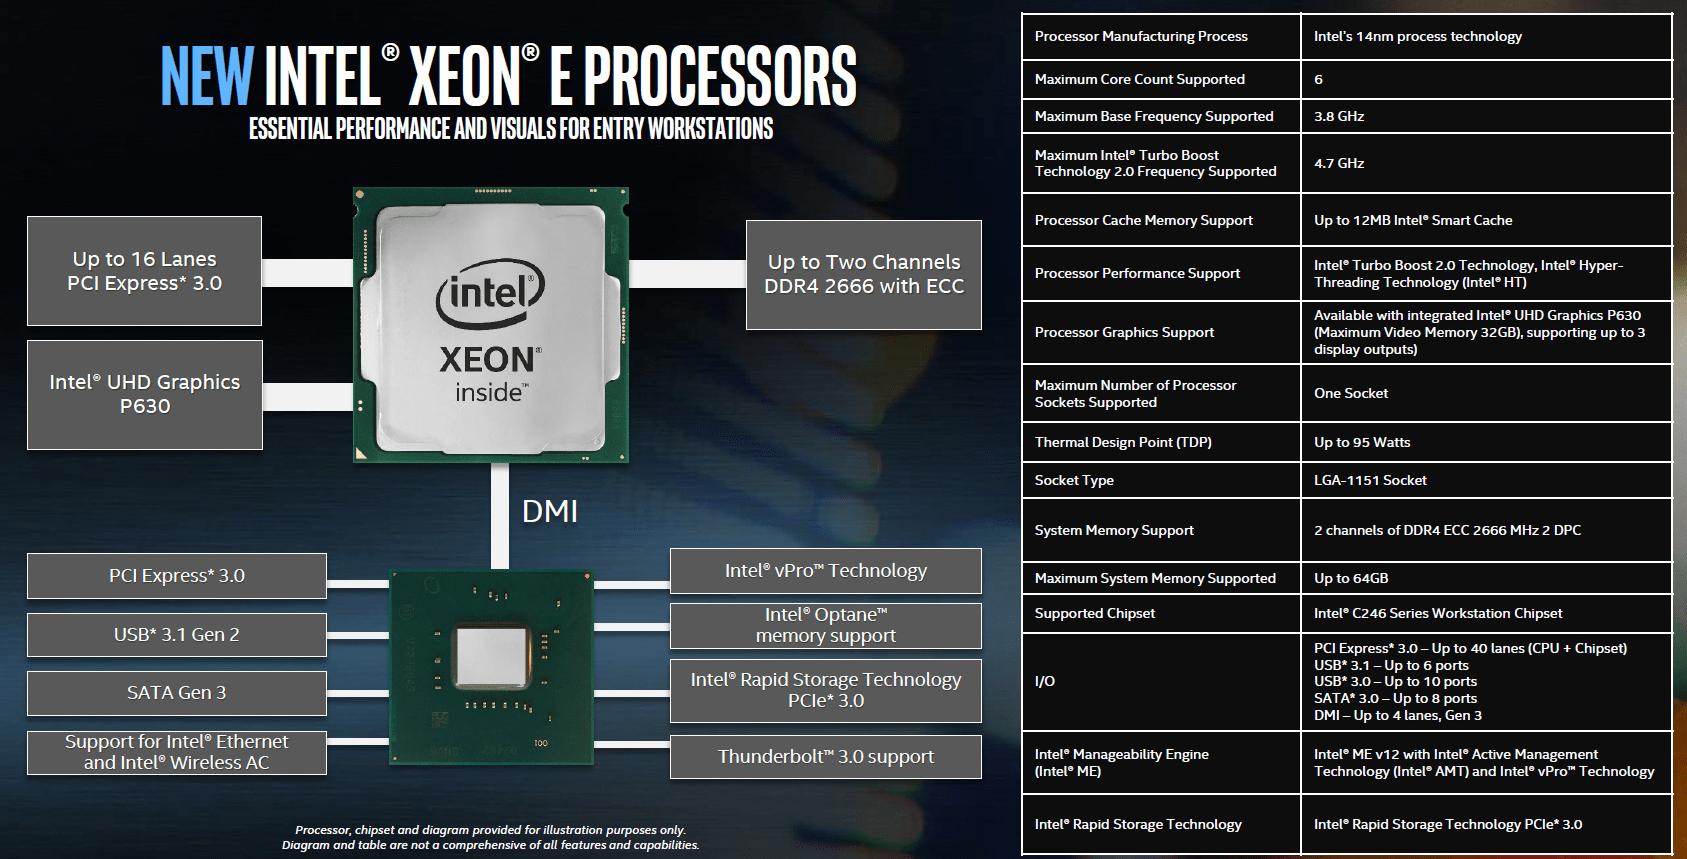 Blockdiagramm und Features der Intel Xeon E